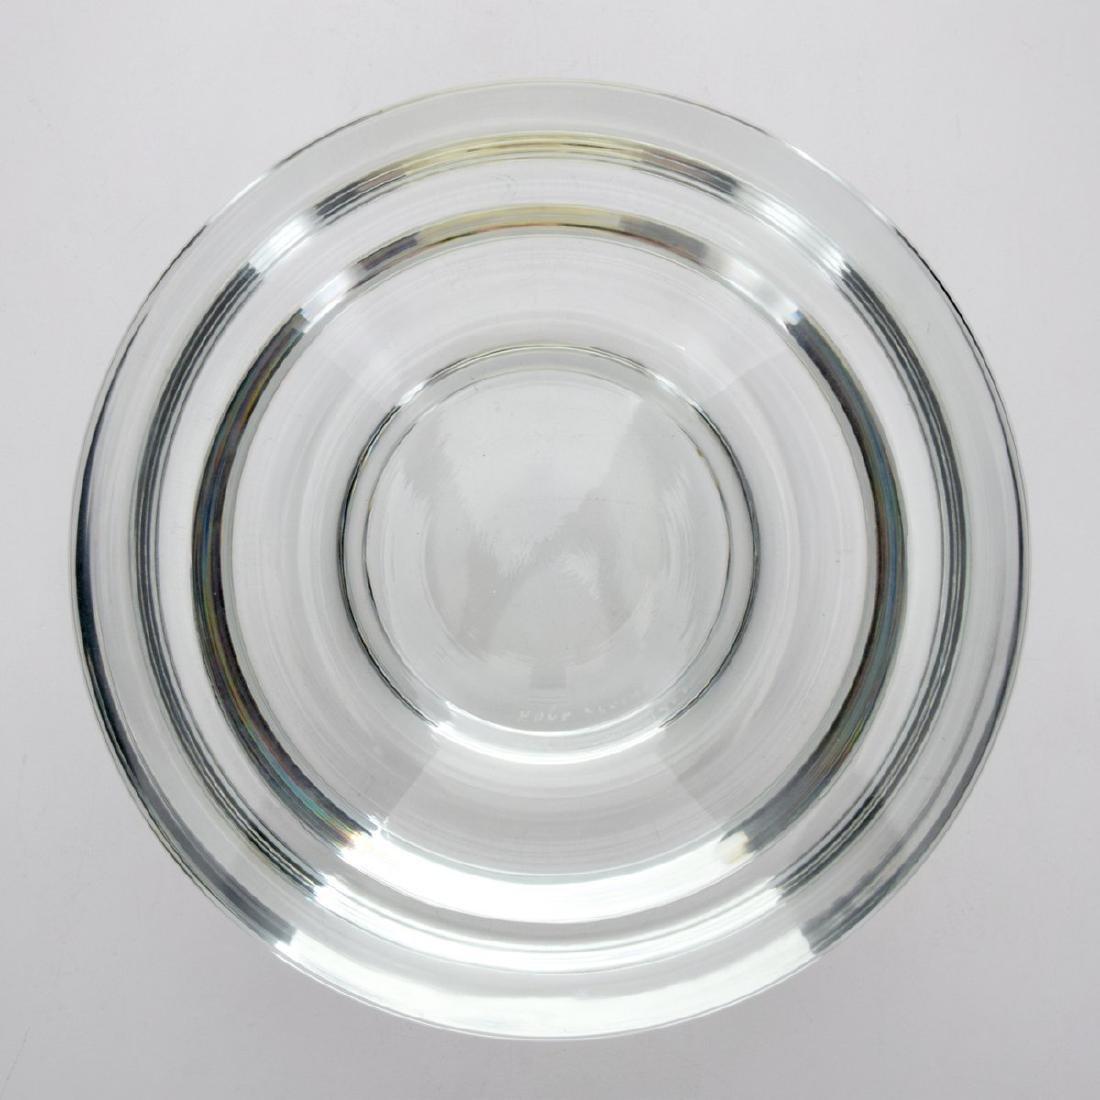 Large Karl Springer Bowl/Vessel - 3